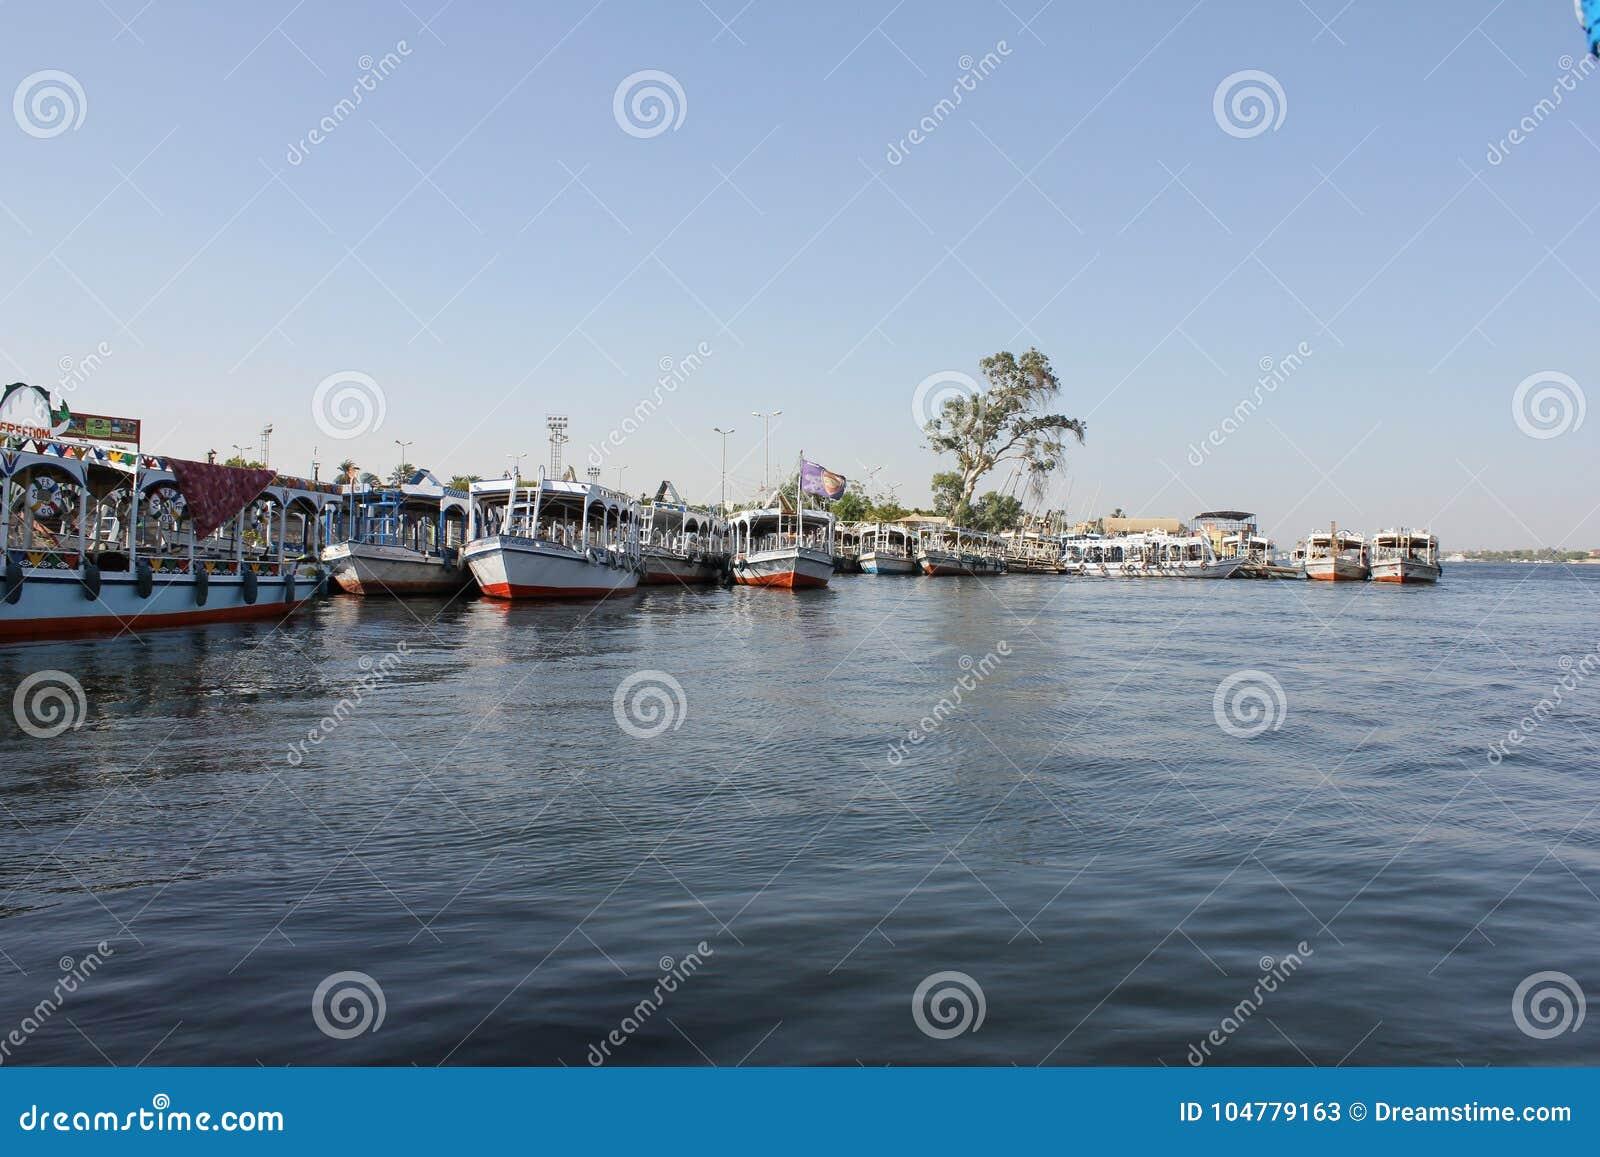 Bateaux sur Nile River